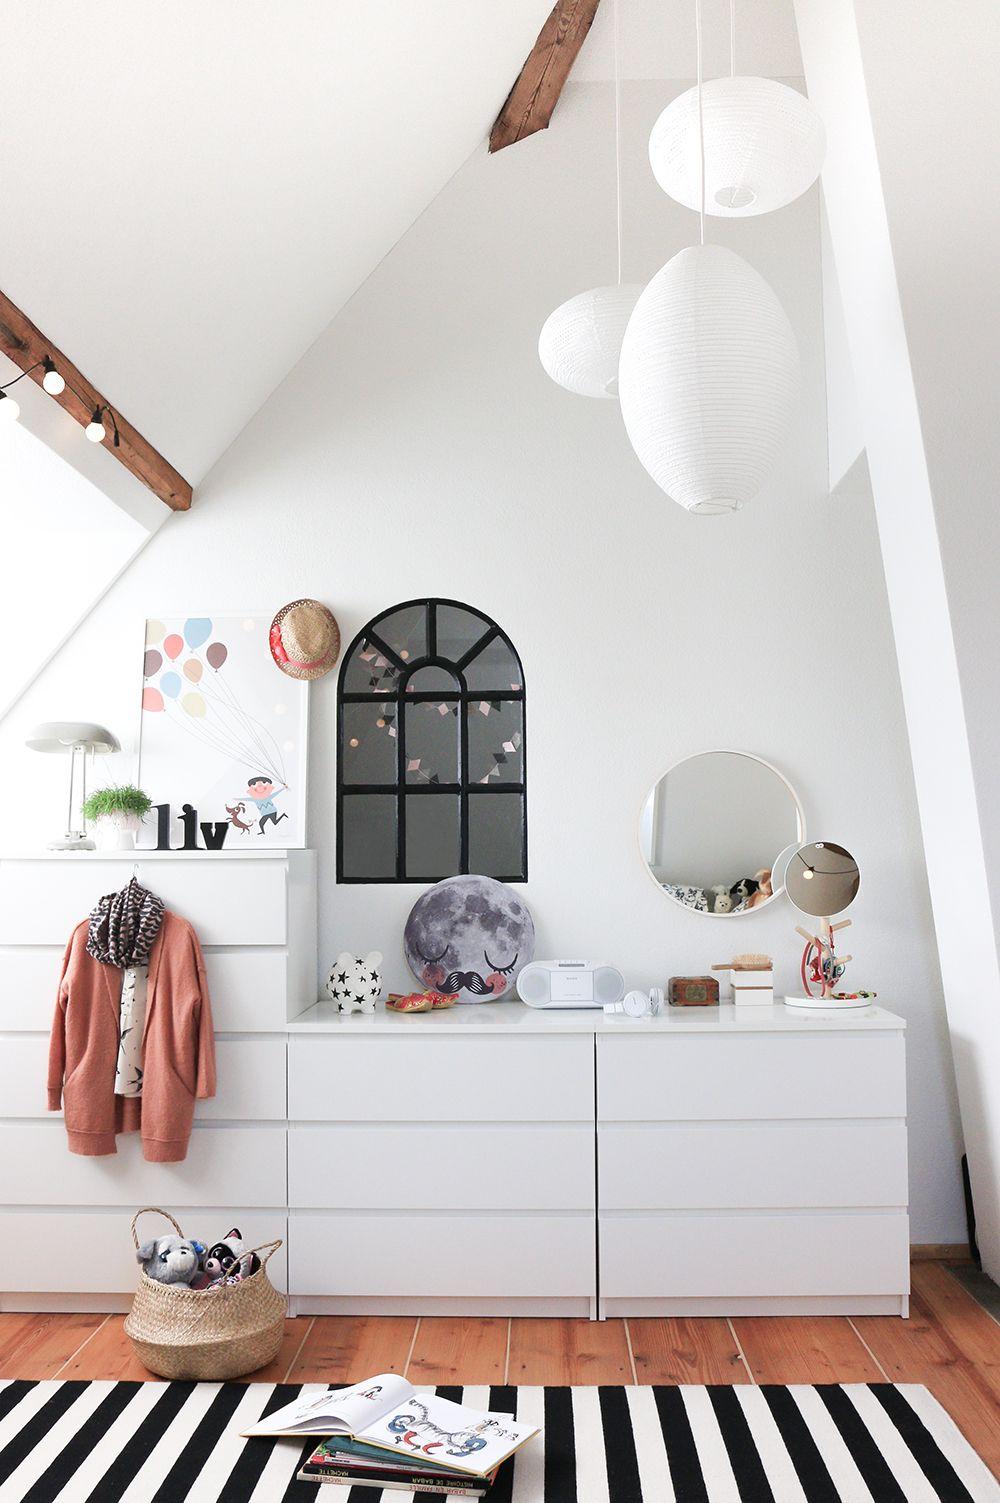 Fein Neuestes Design Zimmer Mit Bilder - Images for inspirierende ...